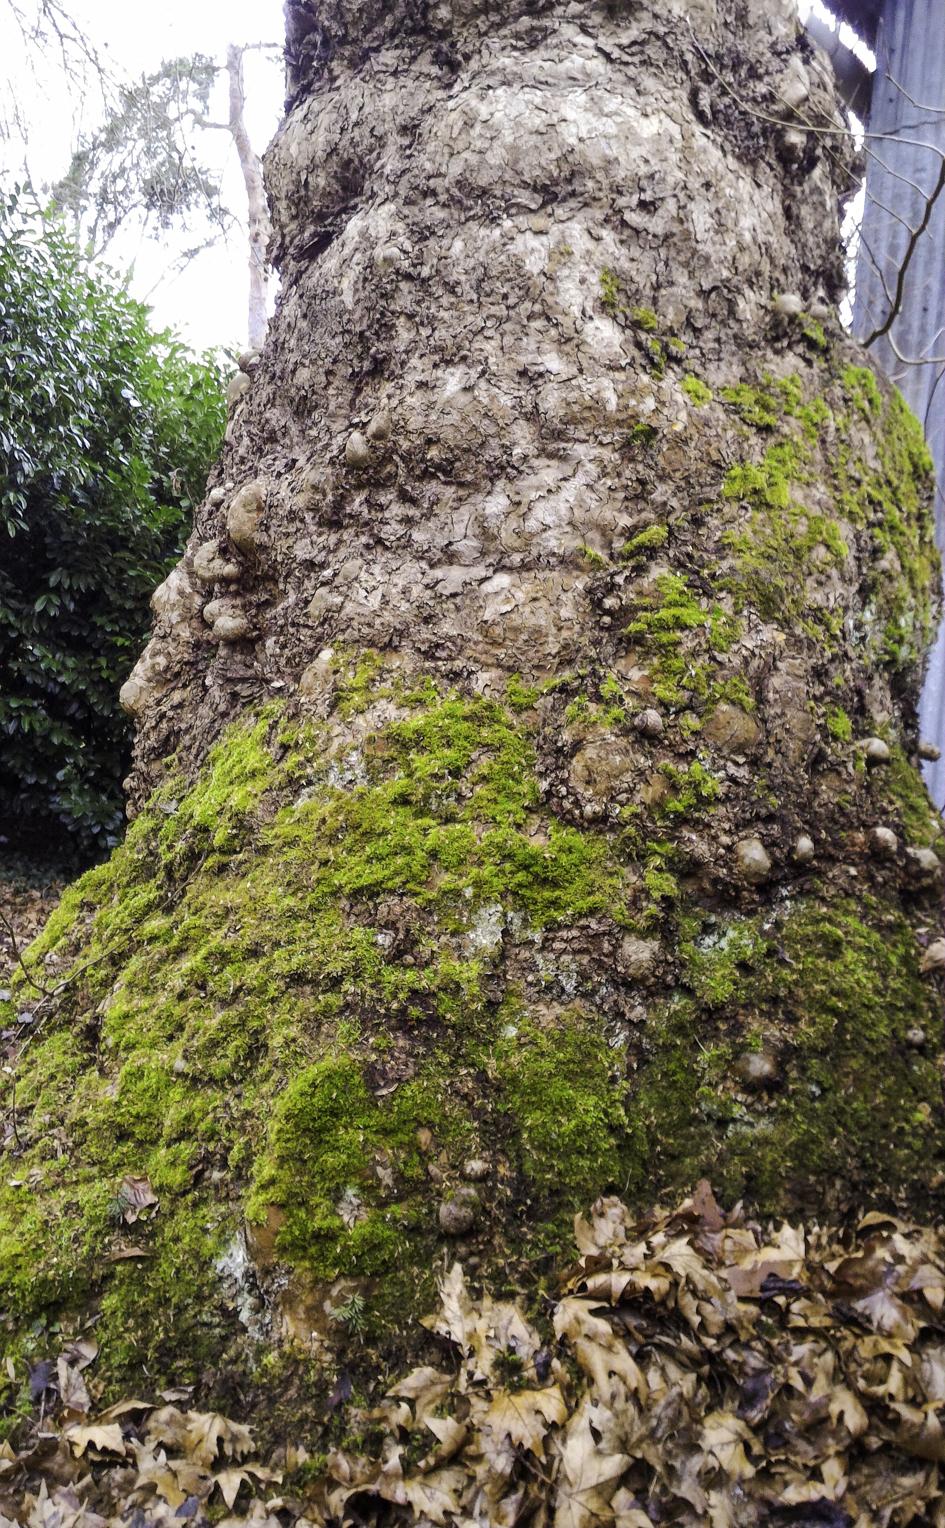 N° 9 : platane à pied d'éléphant, classé Arbre remarquable